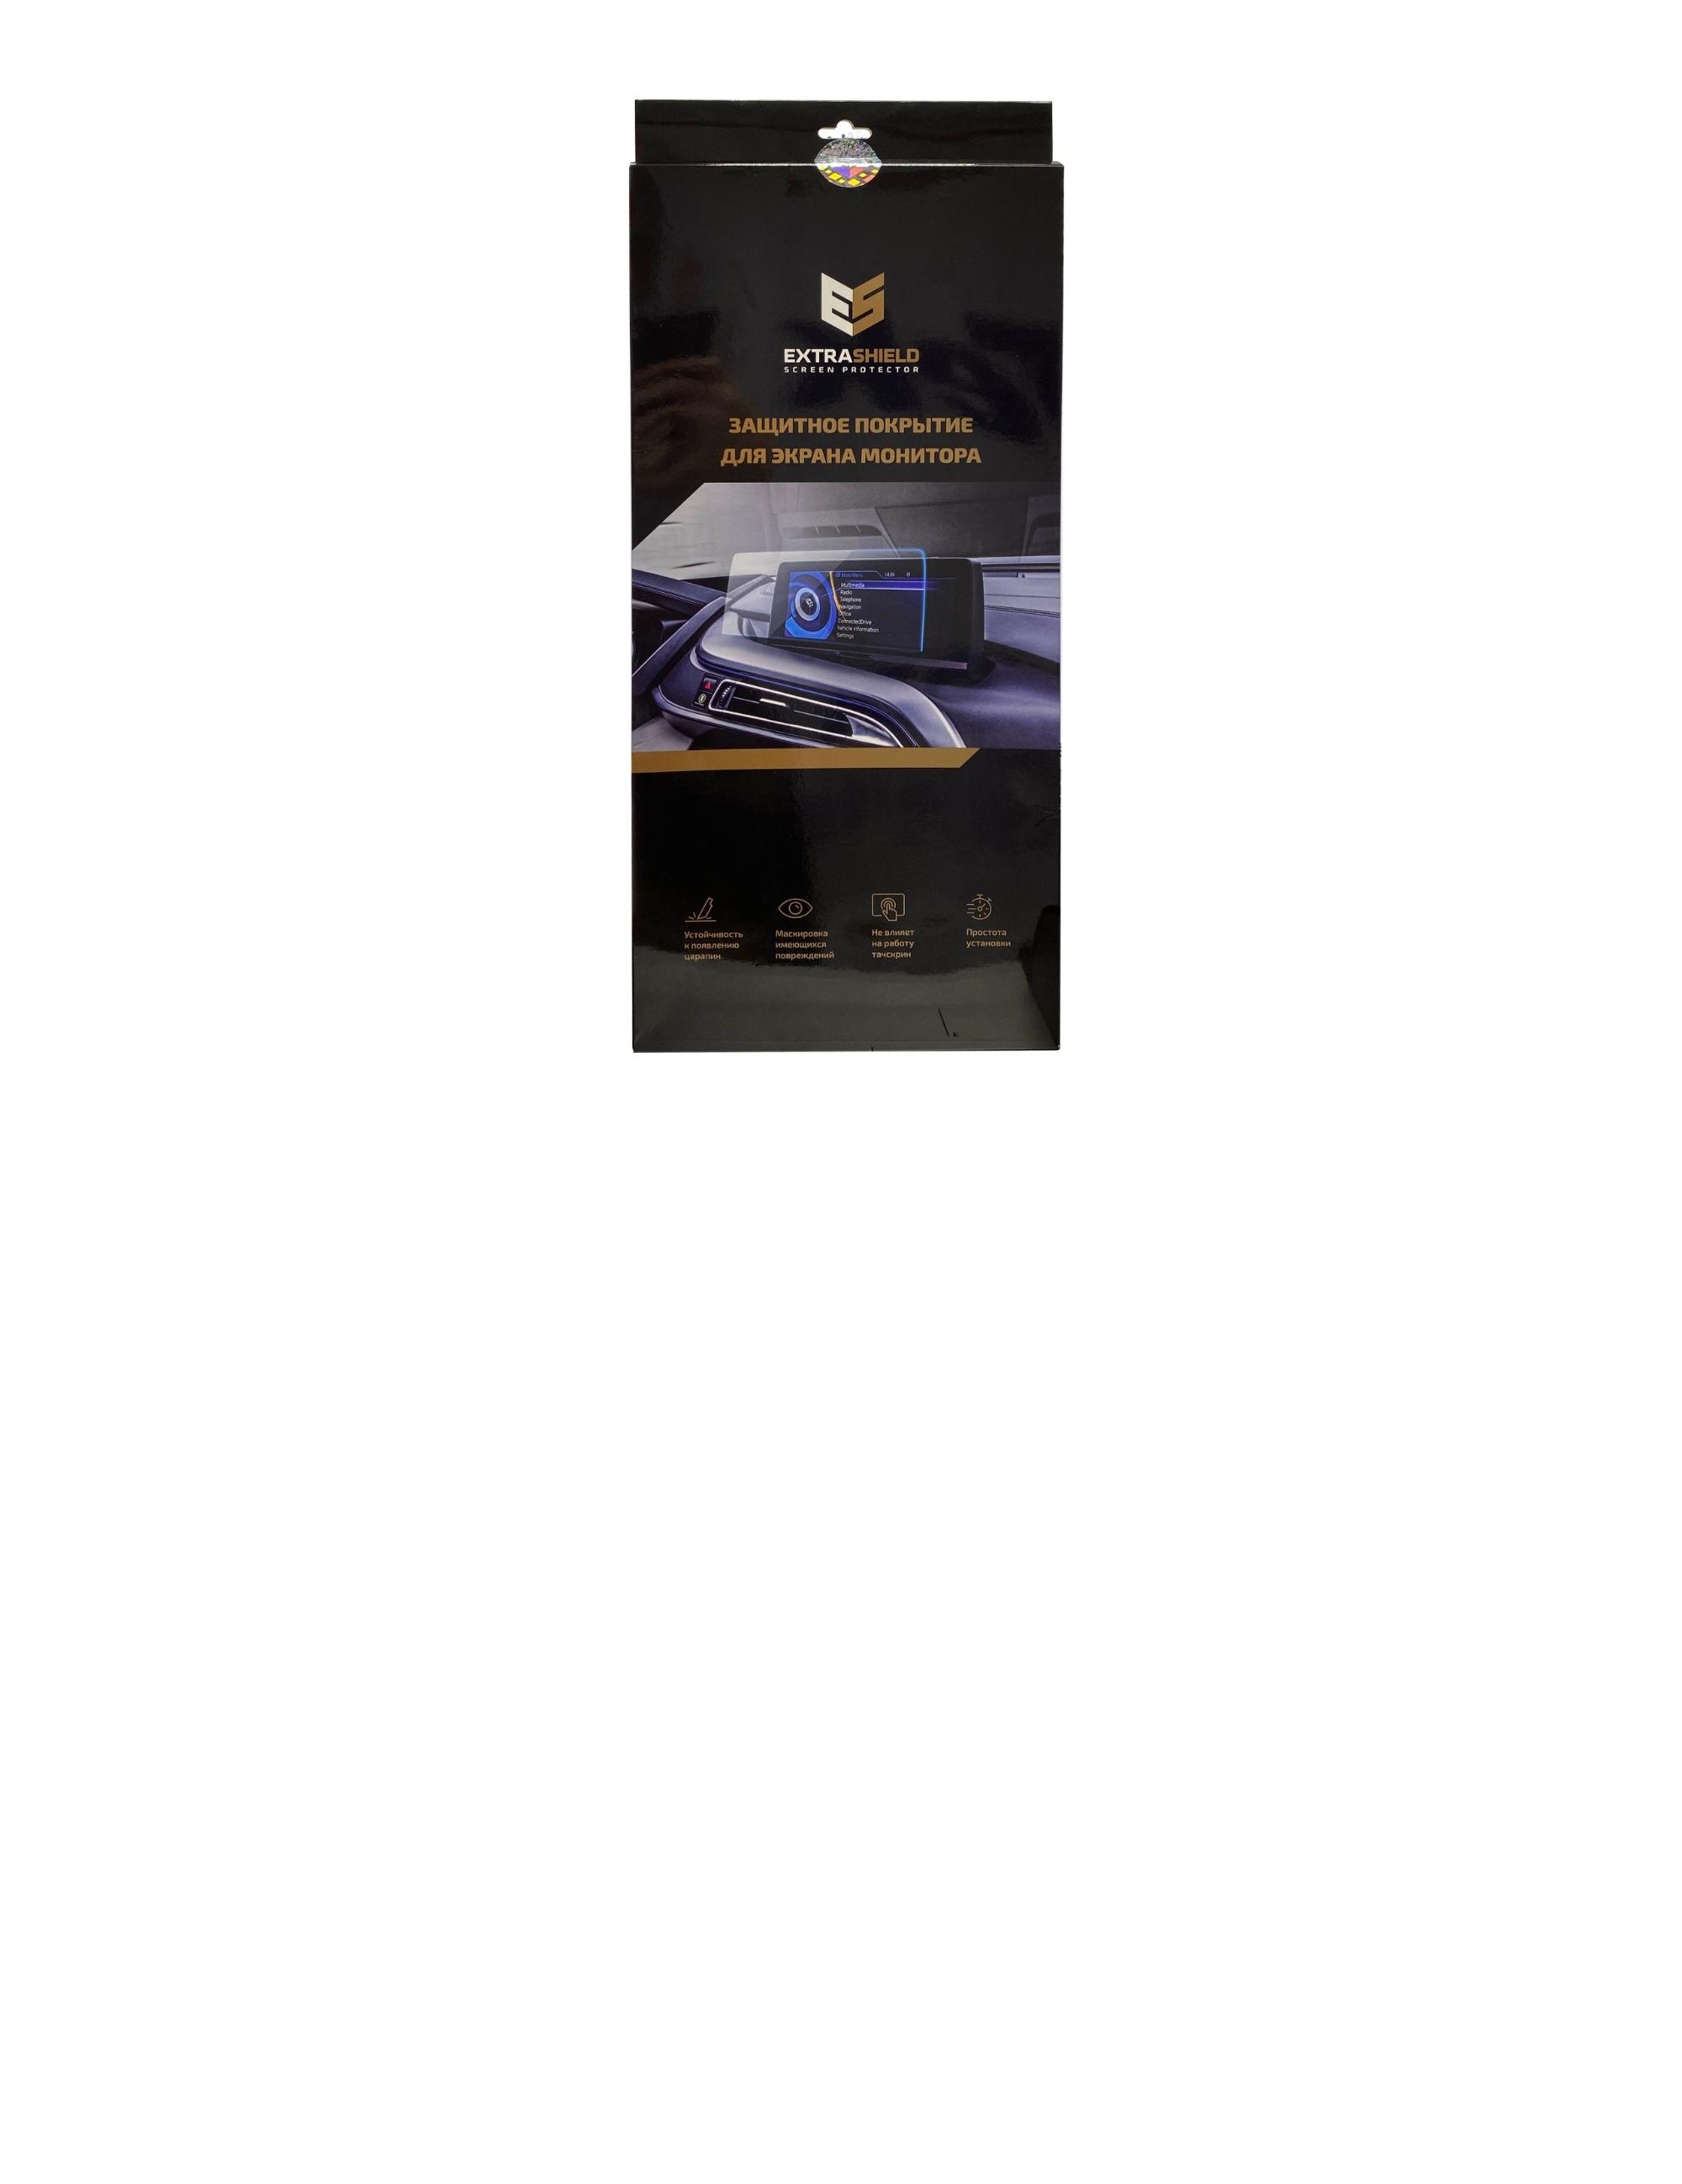 Audi Q7 II (4M) рестайлинг 2019- н.в. мультимедиа+климат контроль 10.1-8.6 Защитное стекло Глянец